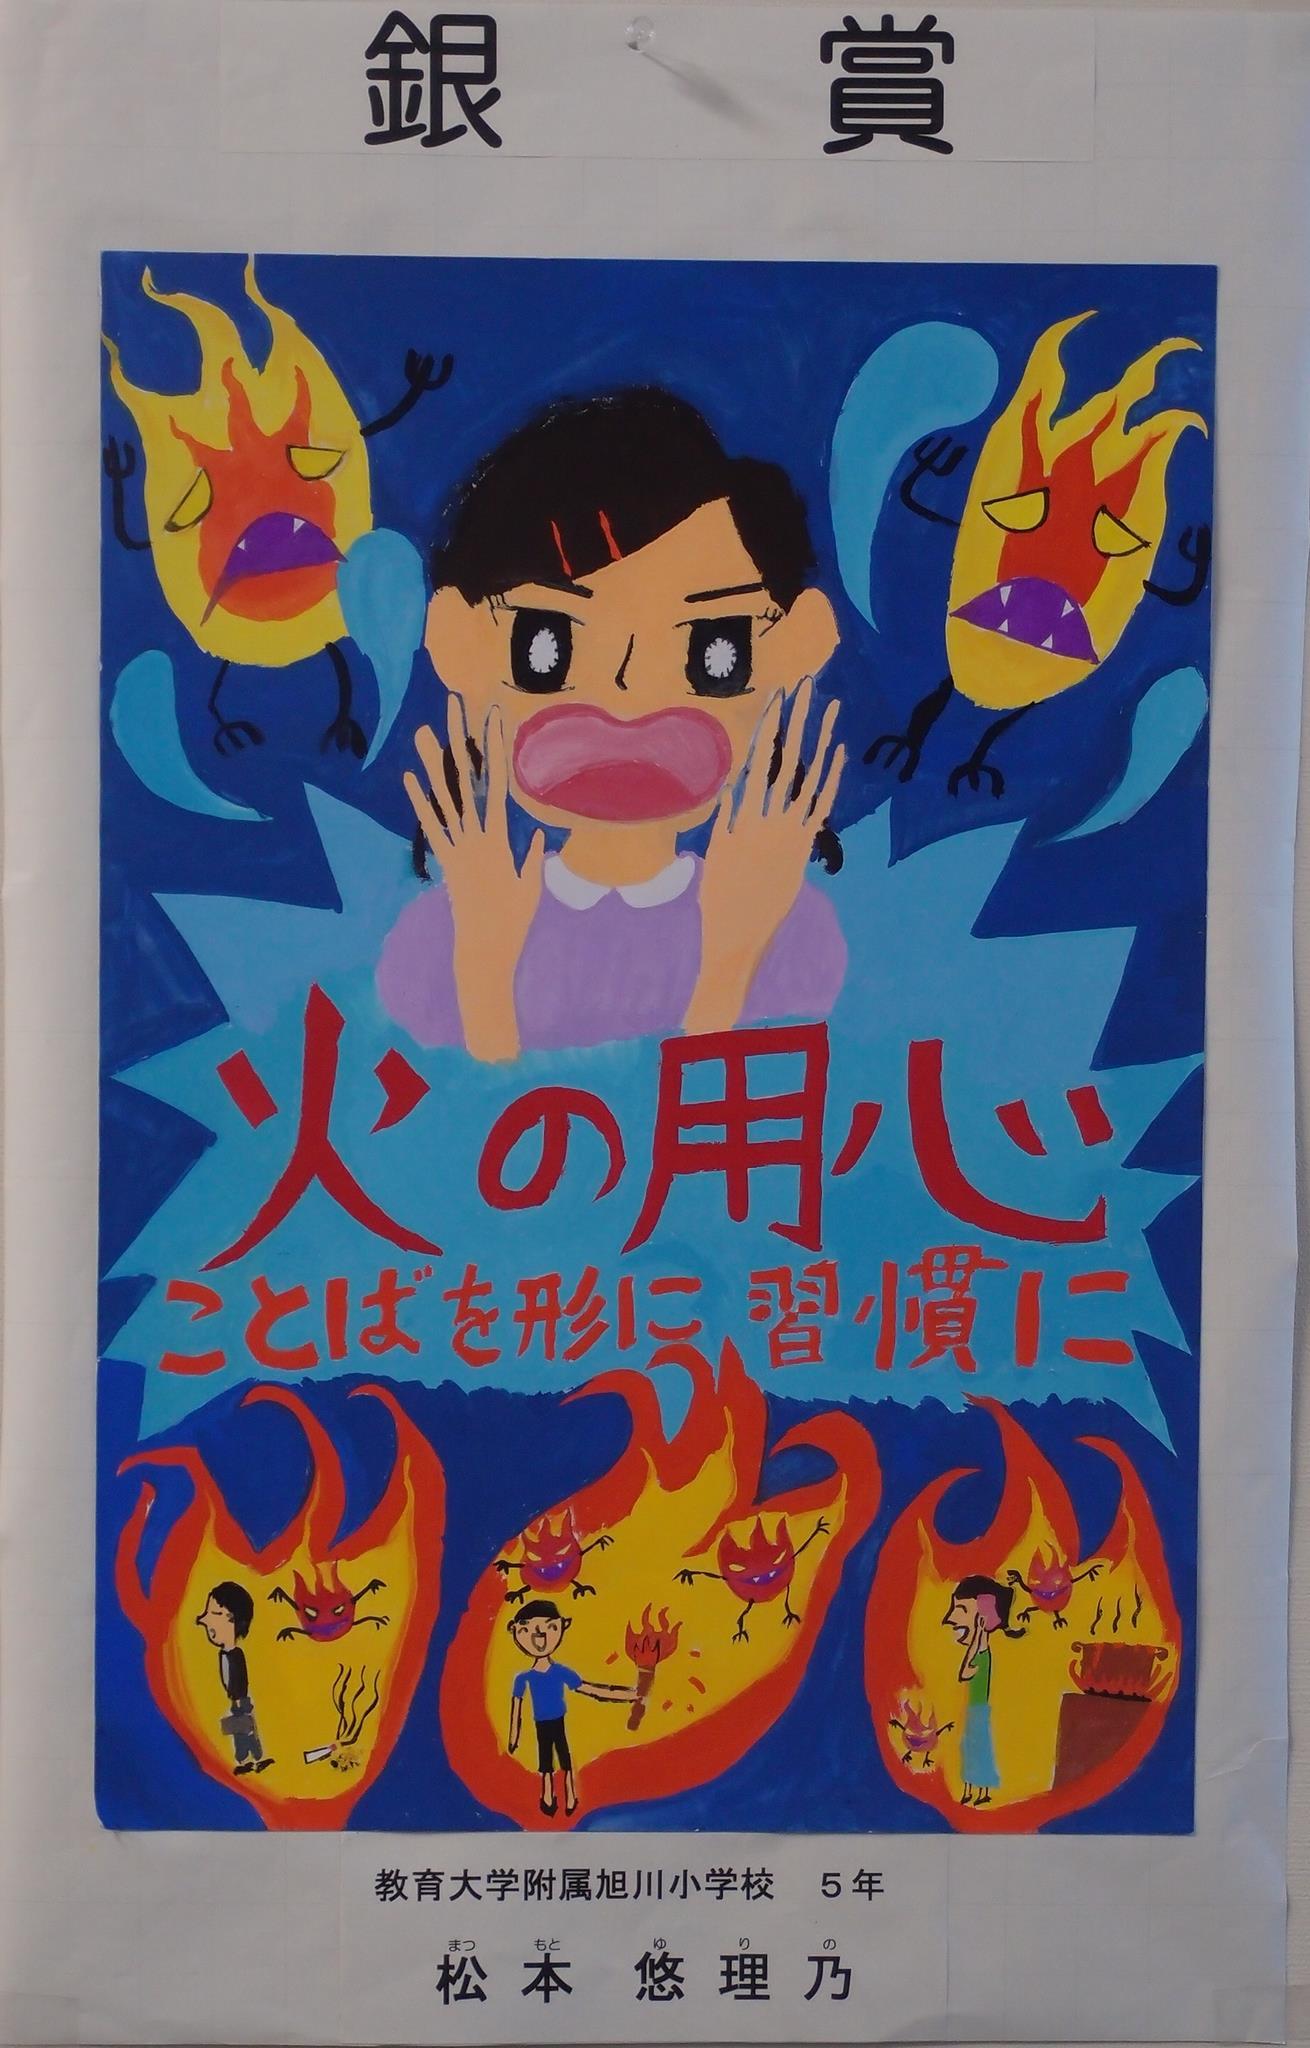 防火ポスターコンクール平成29年度小学校高学年の部表彰作品